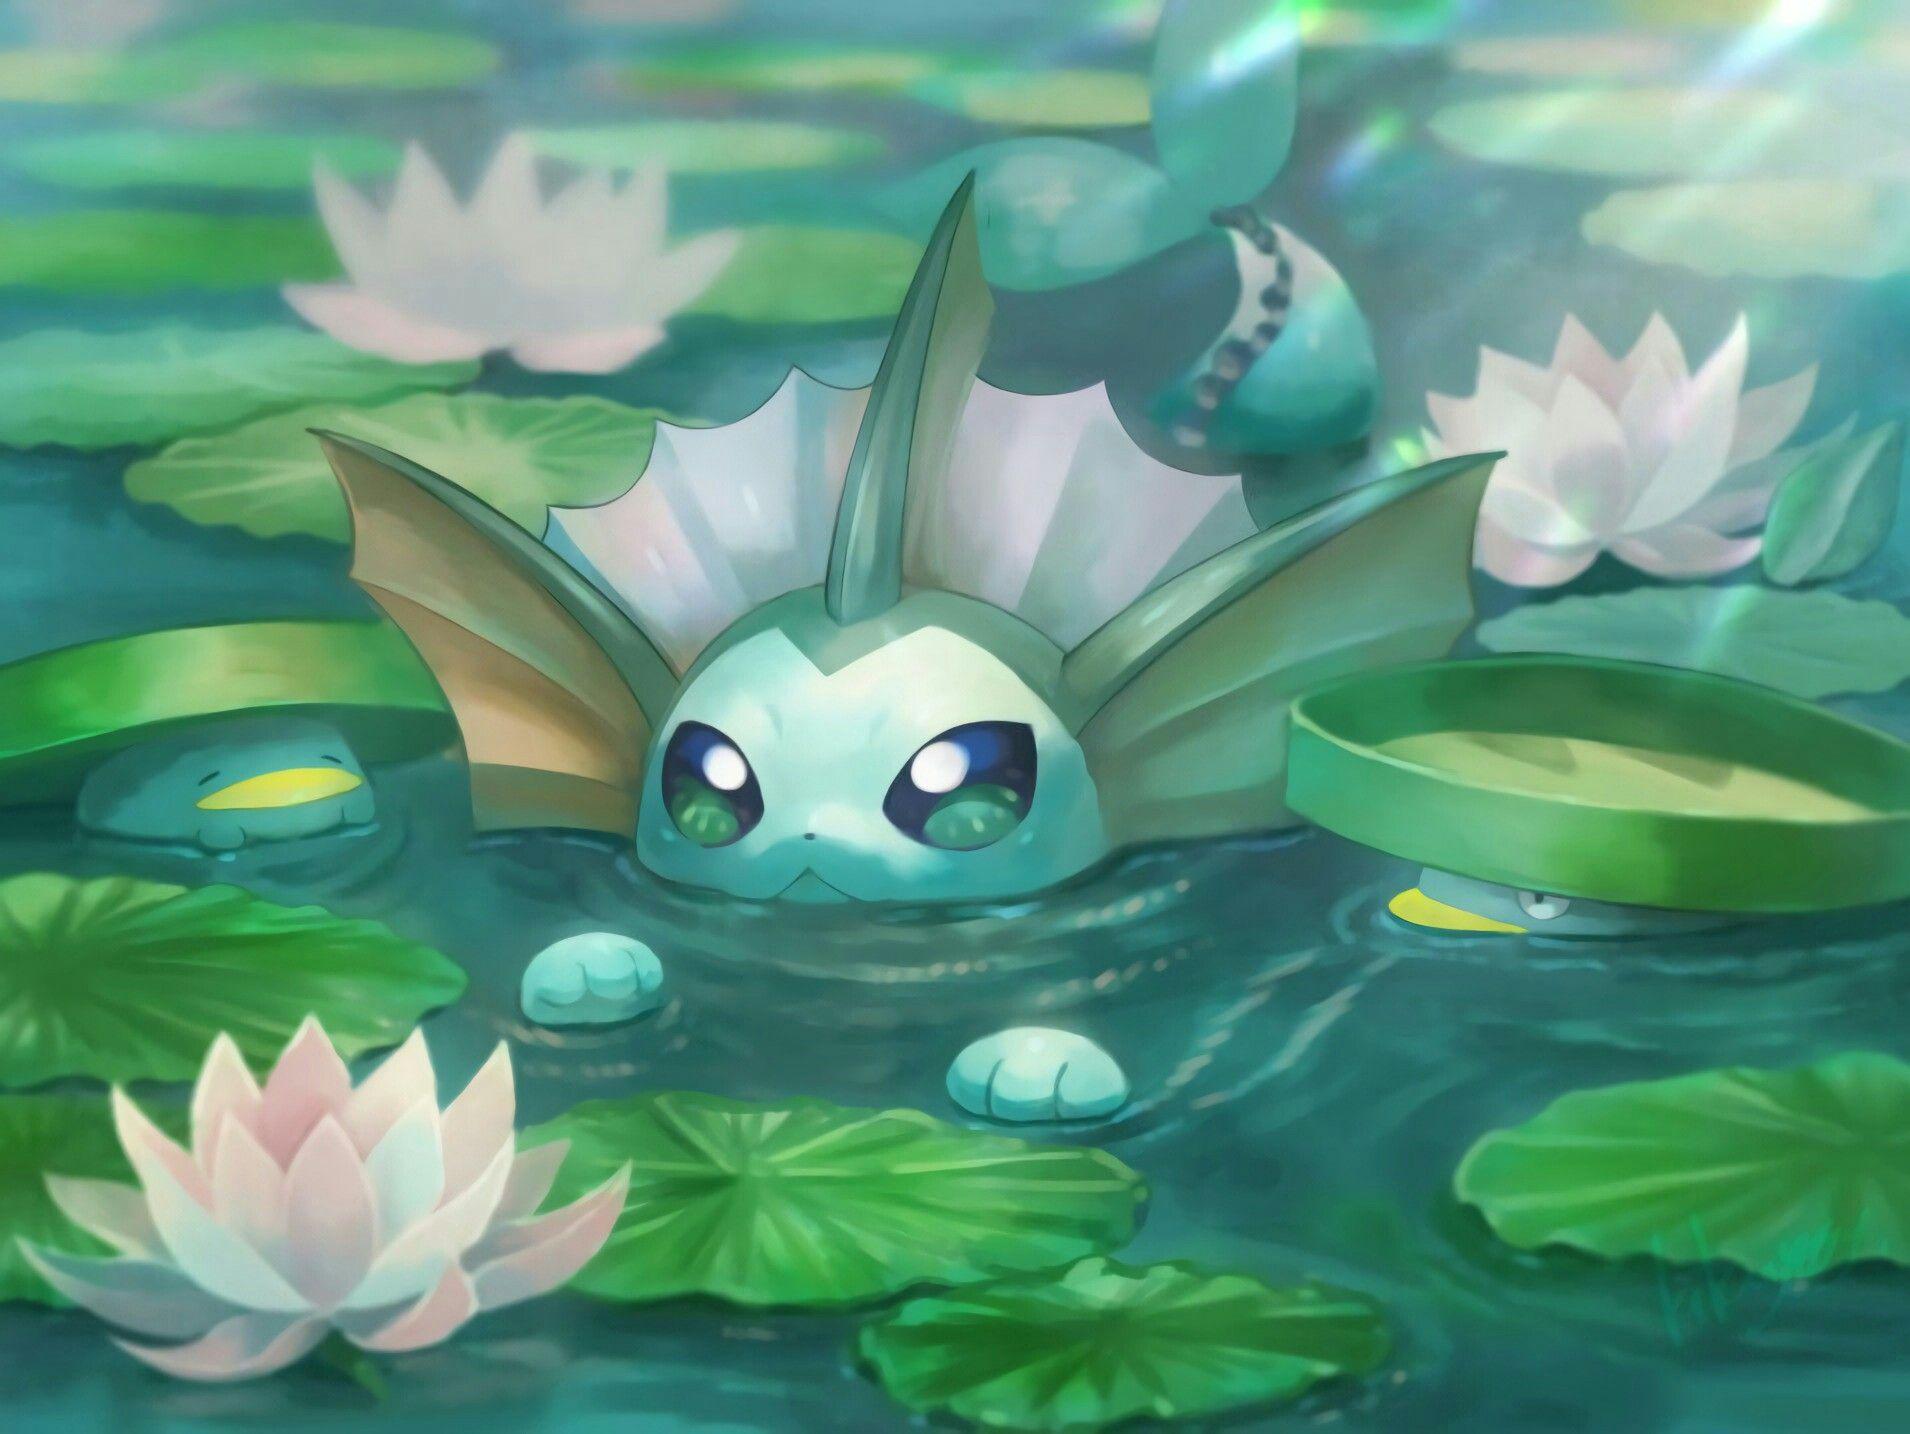 Epingle Par Ignacio Sur Pokemon Dessin Pokemon Pokemon Pokemon Evoli